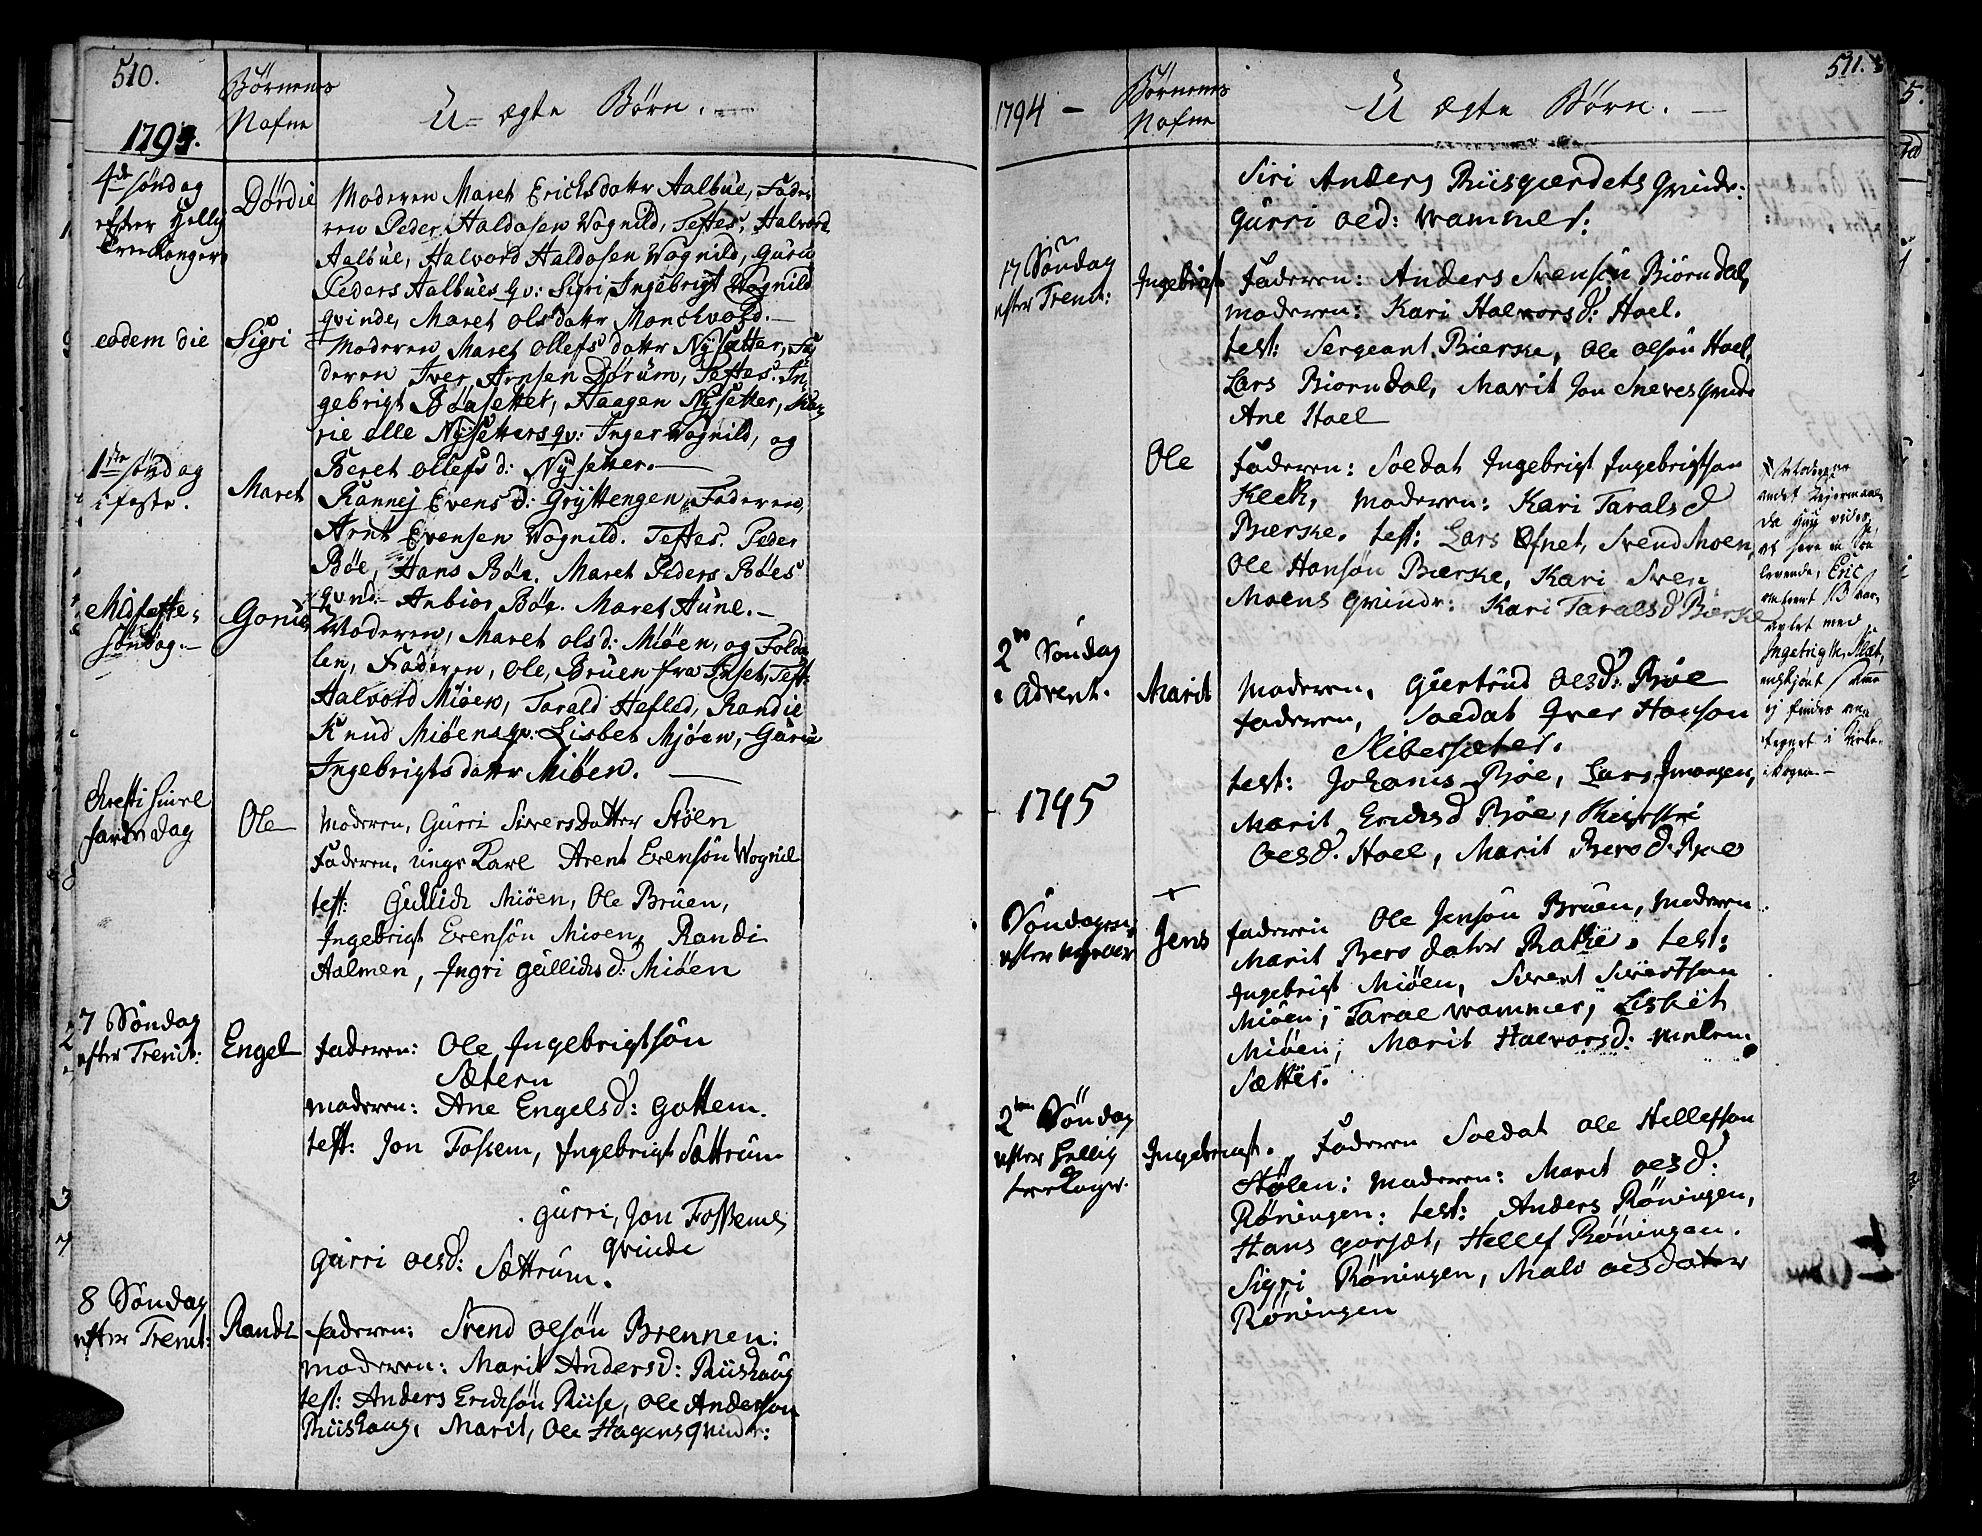 SAT, Ministerialprotokoller, klokkerbøker og fødselsregistre - Sør-Trøndelag, 678/L0893: Ministerialbok nr. 678A03, 1792-1805, s. 510-511